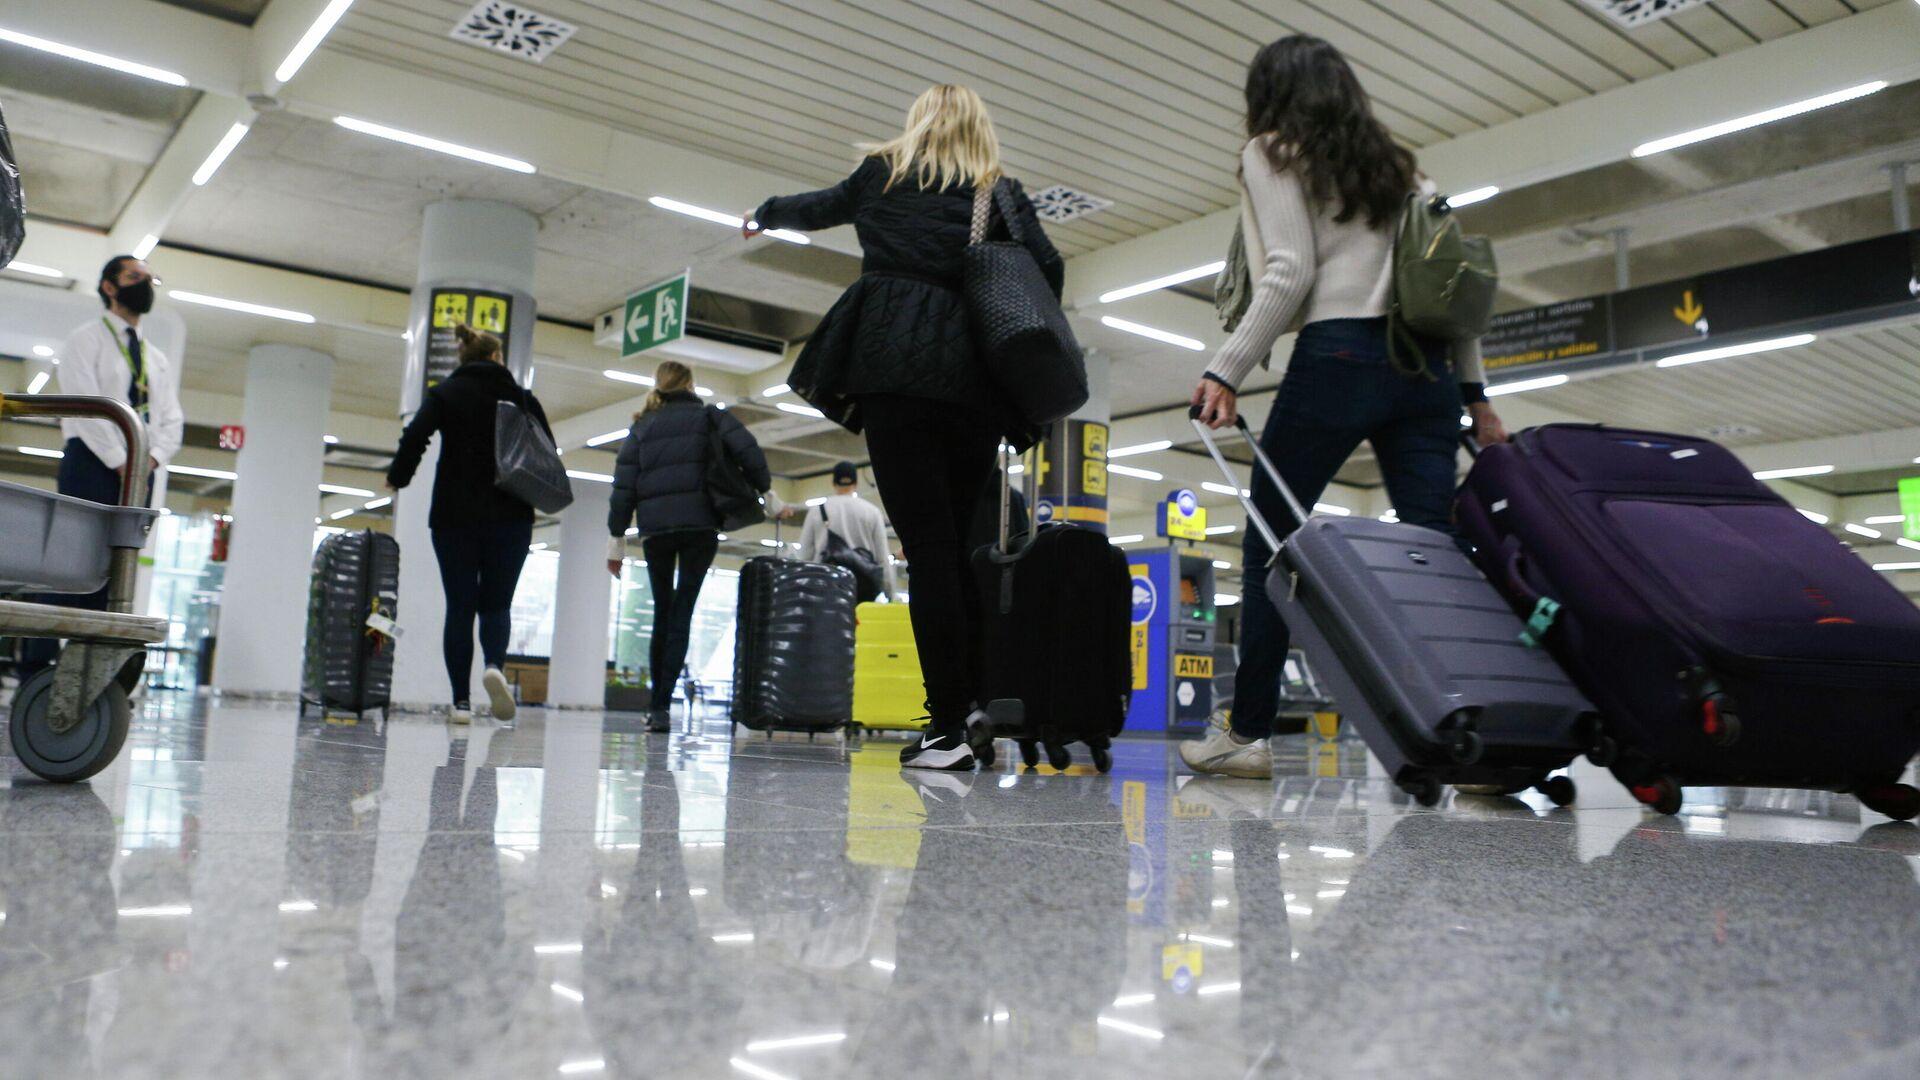 Turistas en el aeropuerto de Palma de Mallorca - Sputnik Mundo, 1920, 24.03.2021